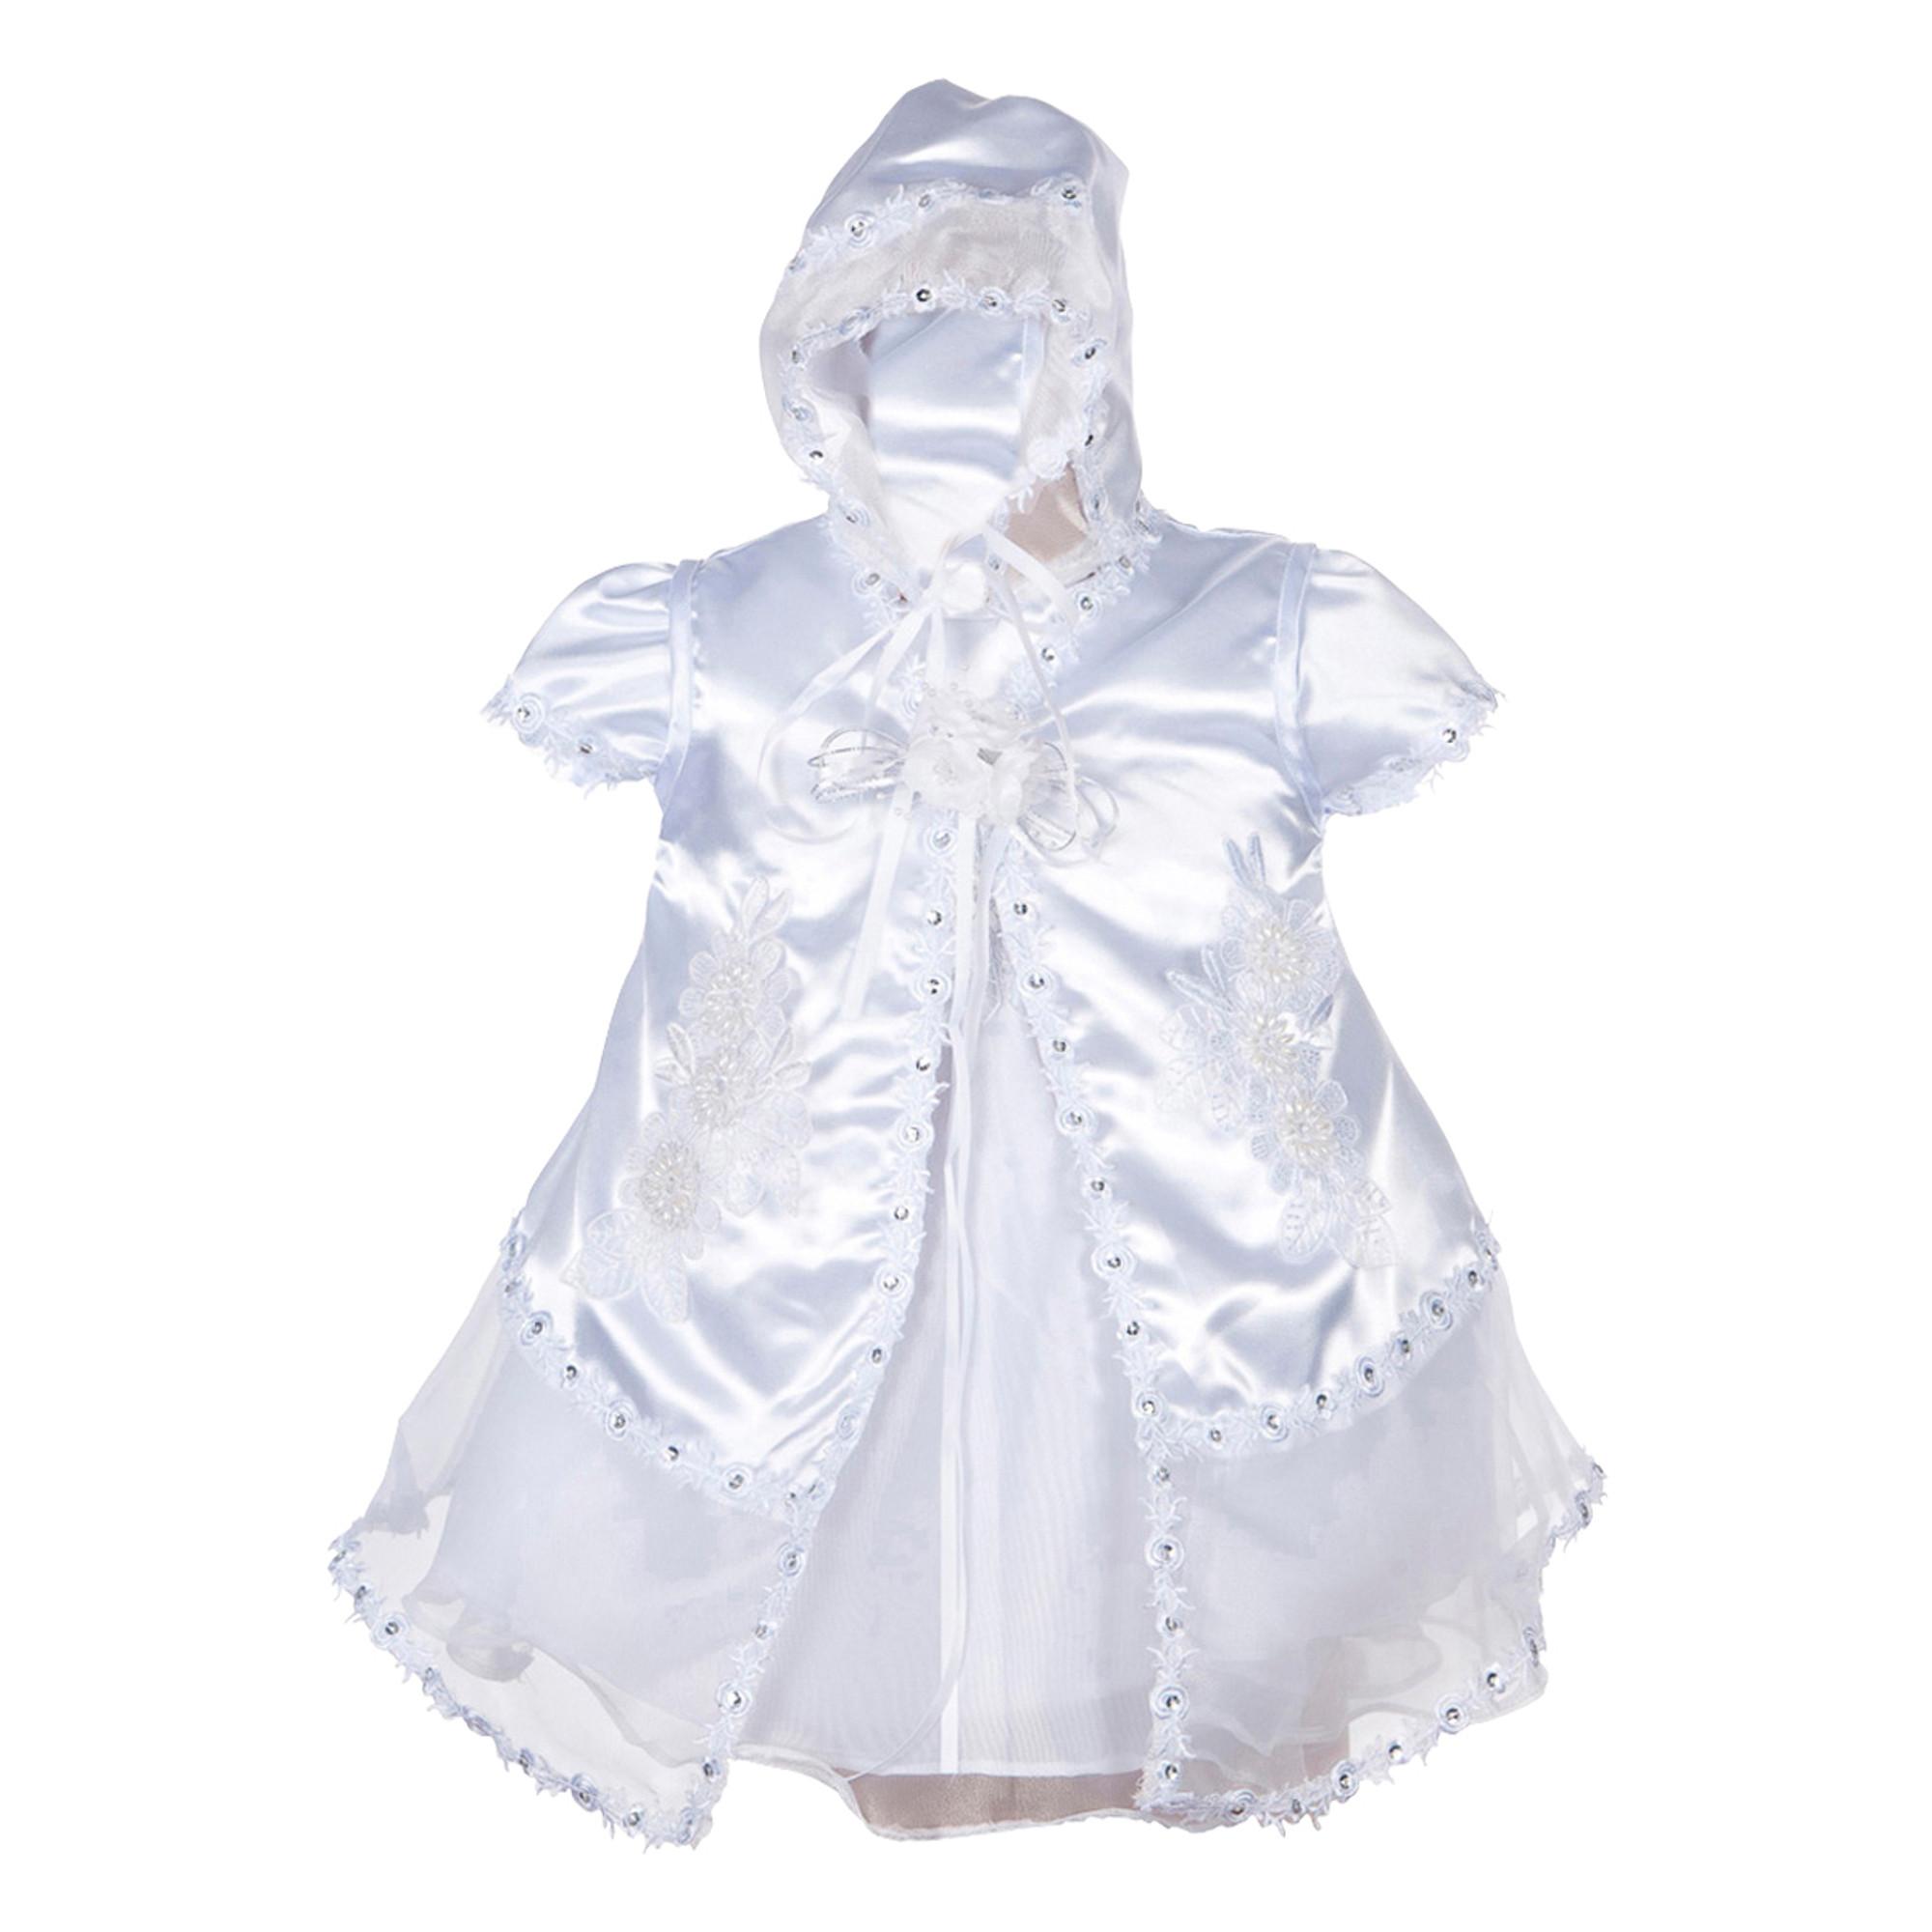 BIMARO Baby Mädchen Taufkleid Melina Babykleid weiß Jacke Mütze Satin Kleid festlich Perlen Pailletten Taufe Hochzeit  001